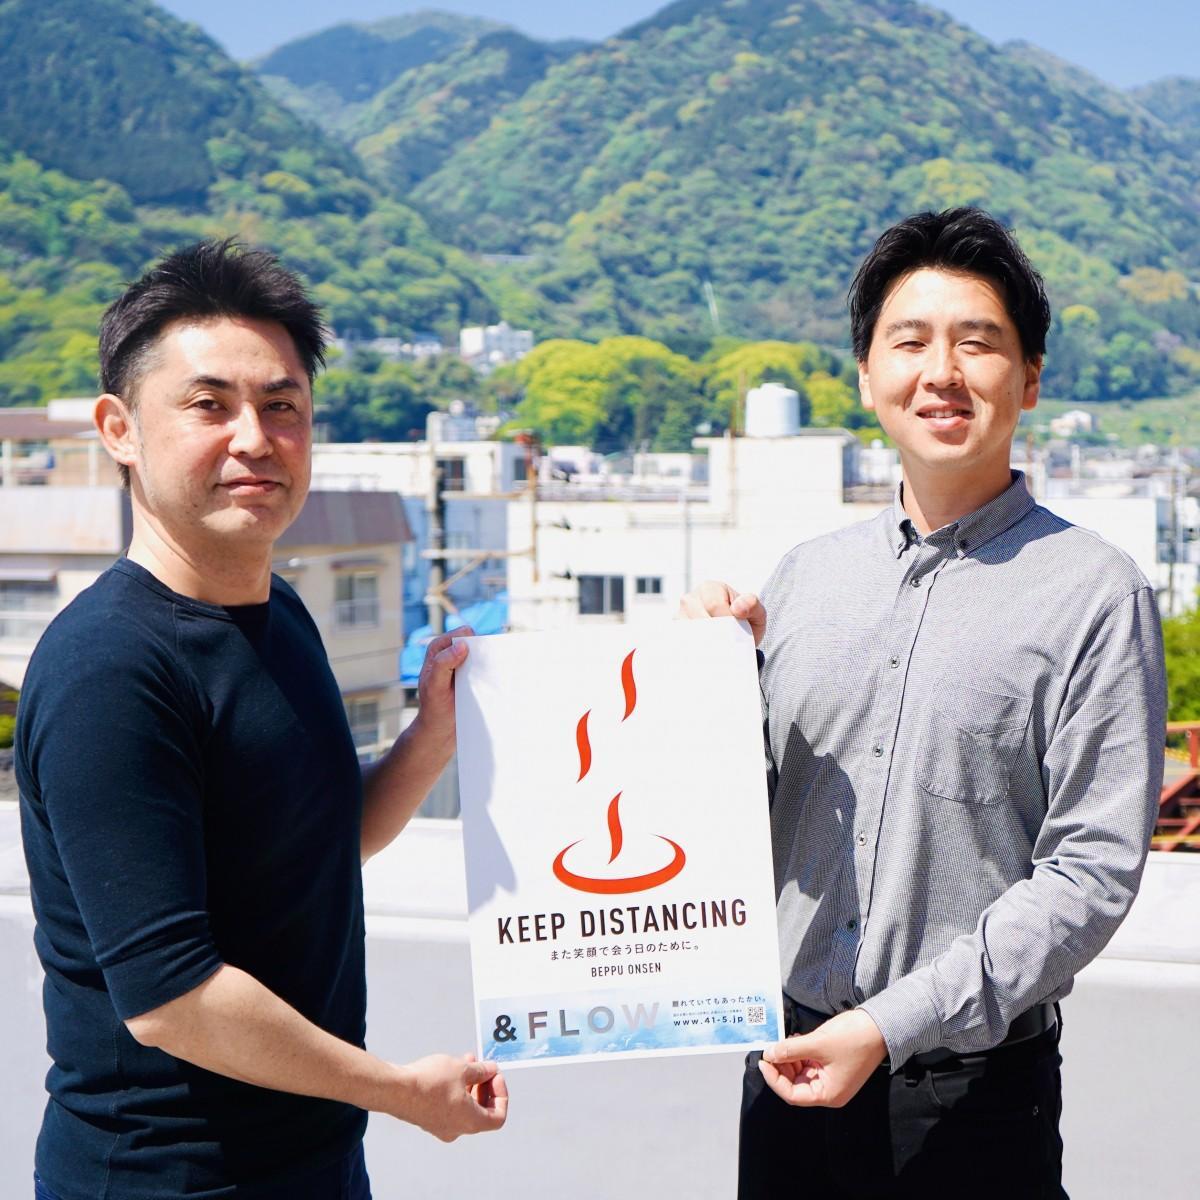 「ソーシャル・ディスタンシング」を呼び掛ける堀さん(左)と後藤さん